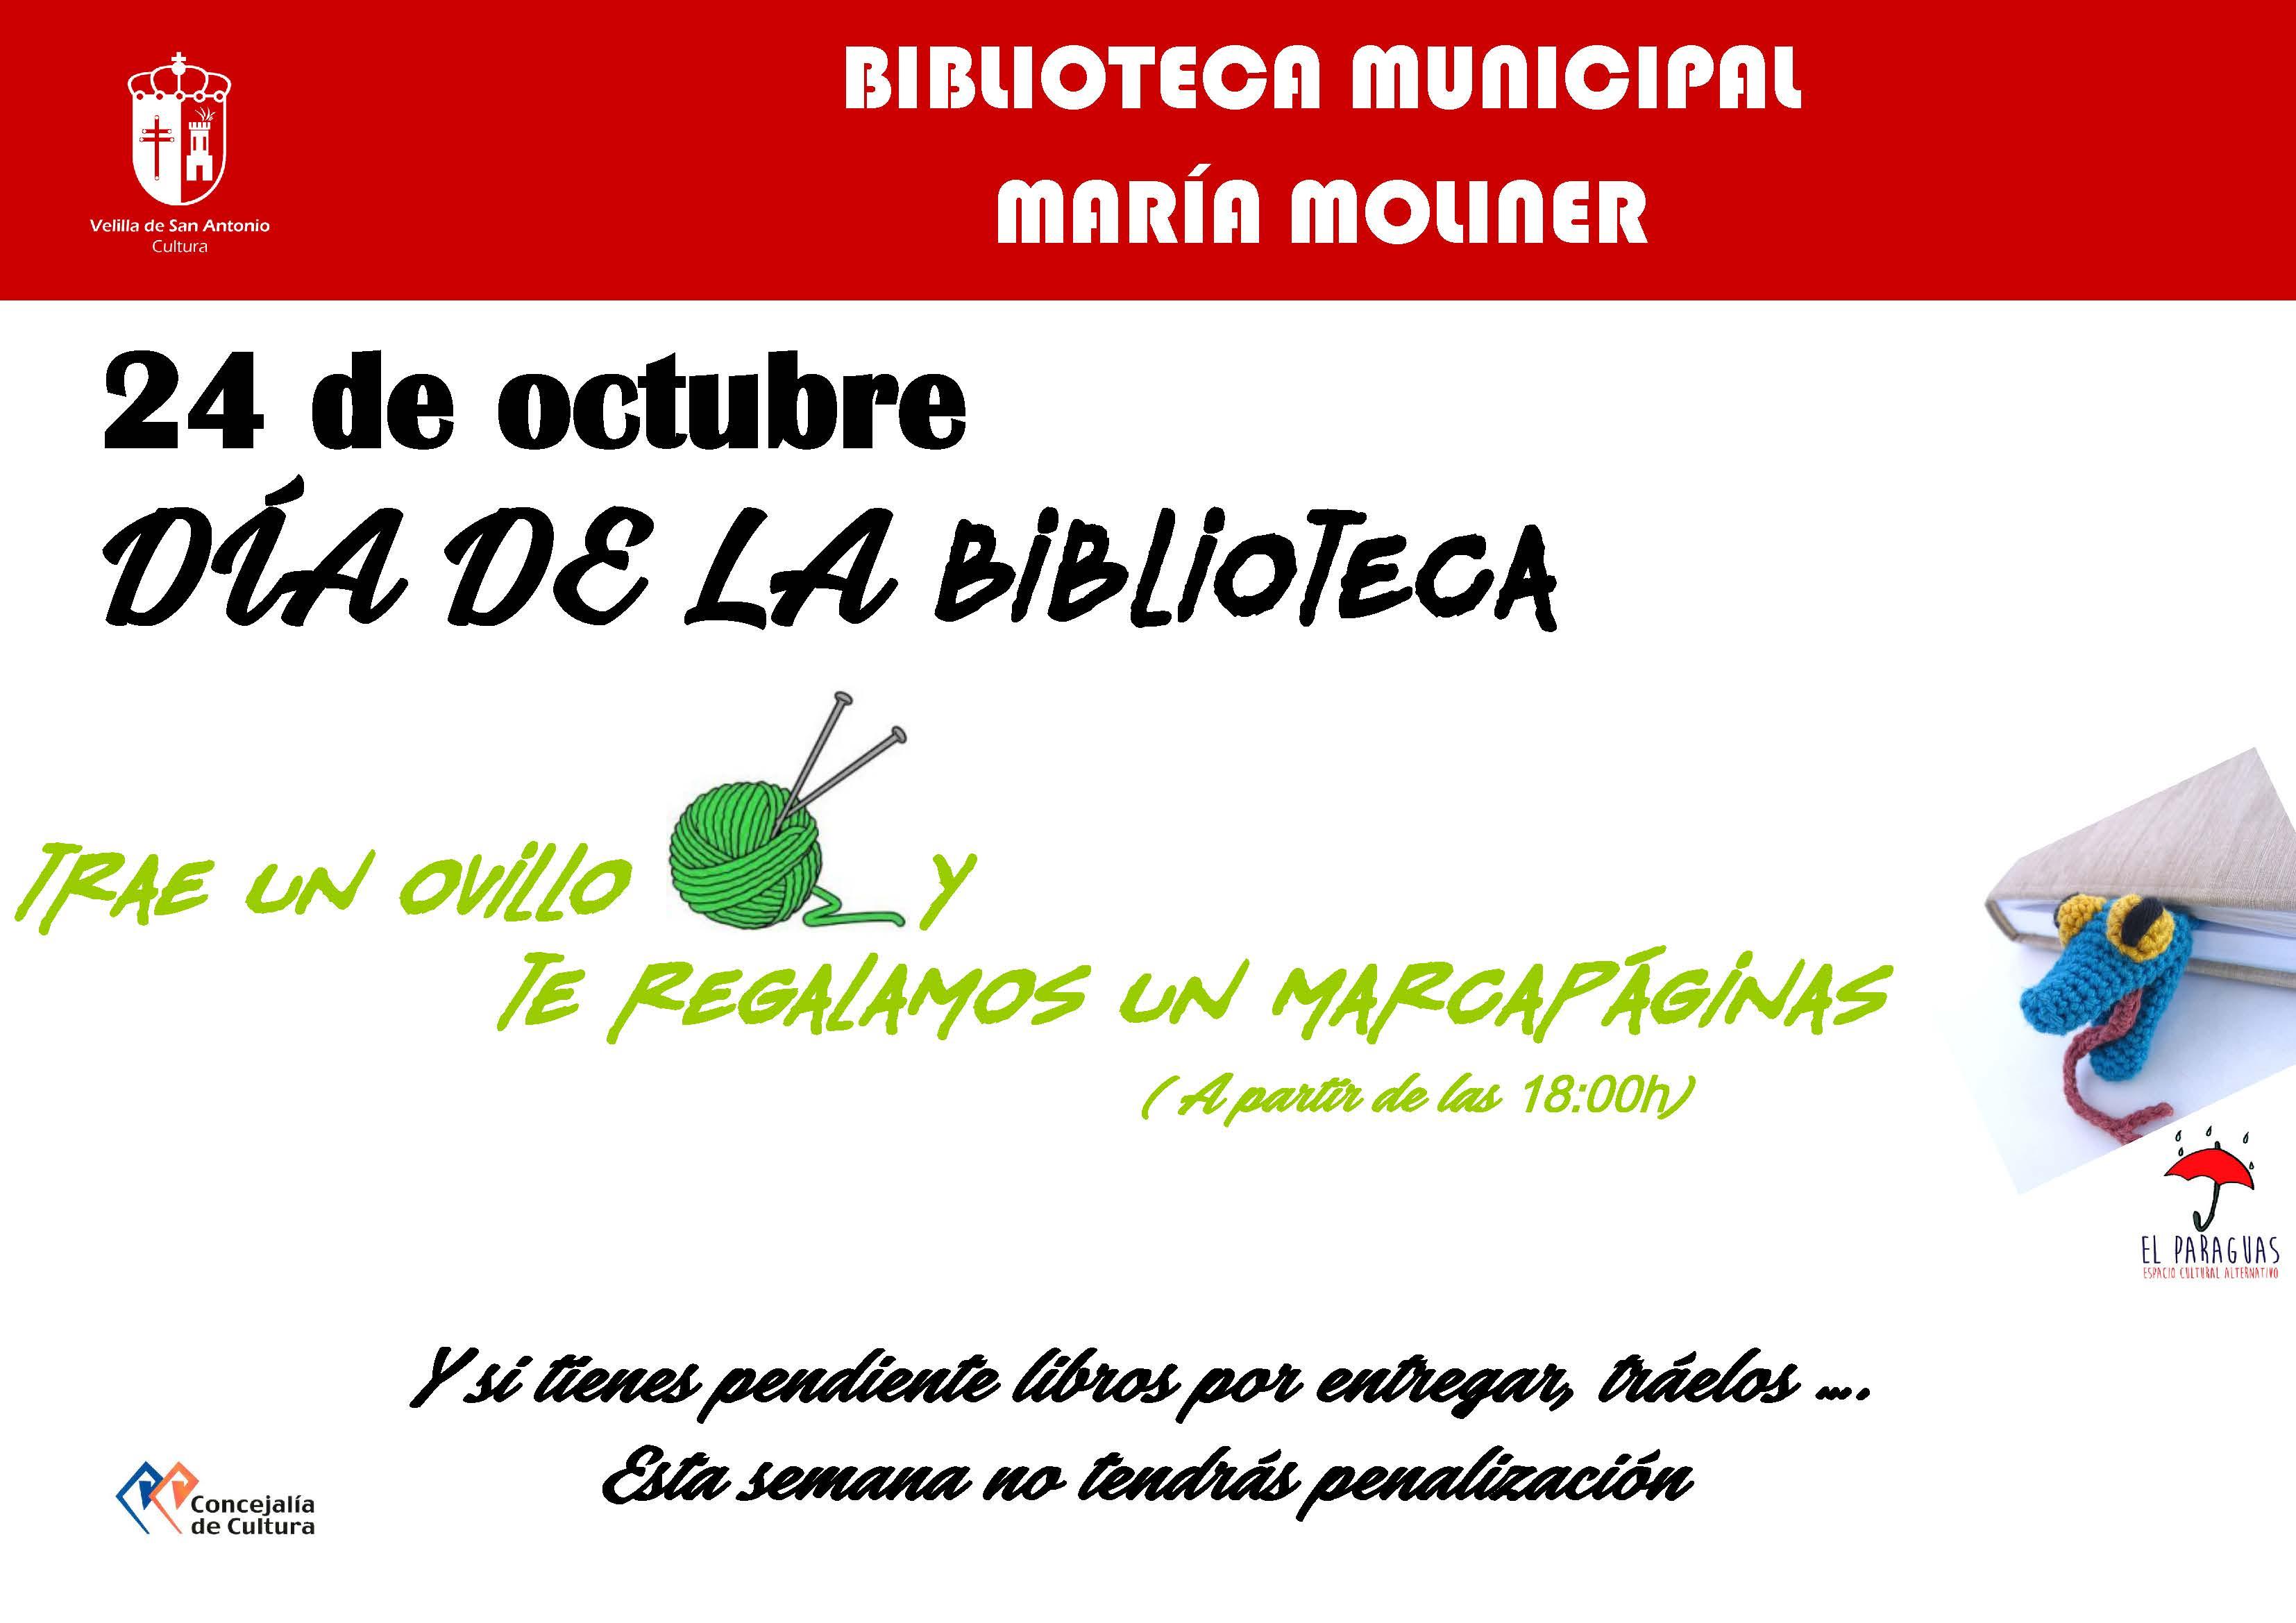 24 de octubre, Día de la Biblioteca